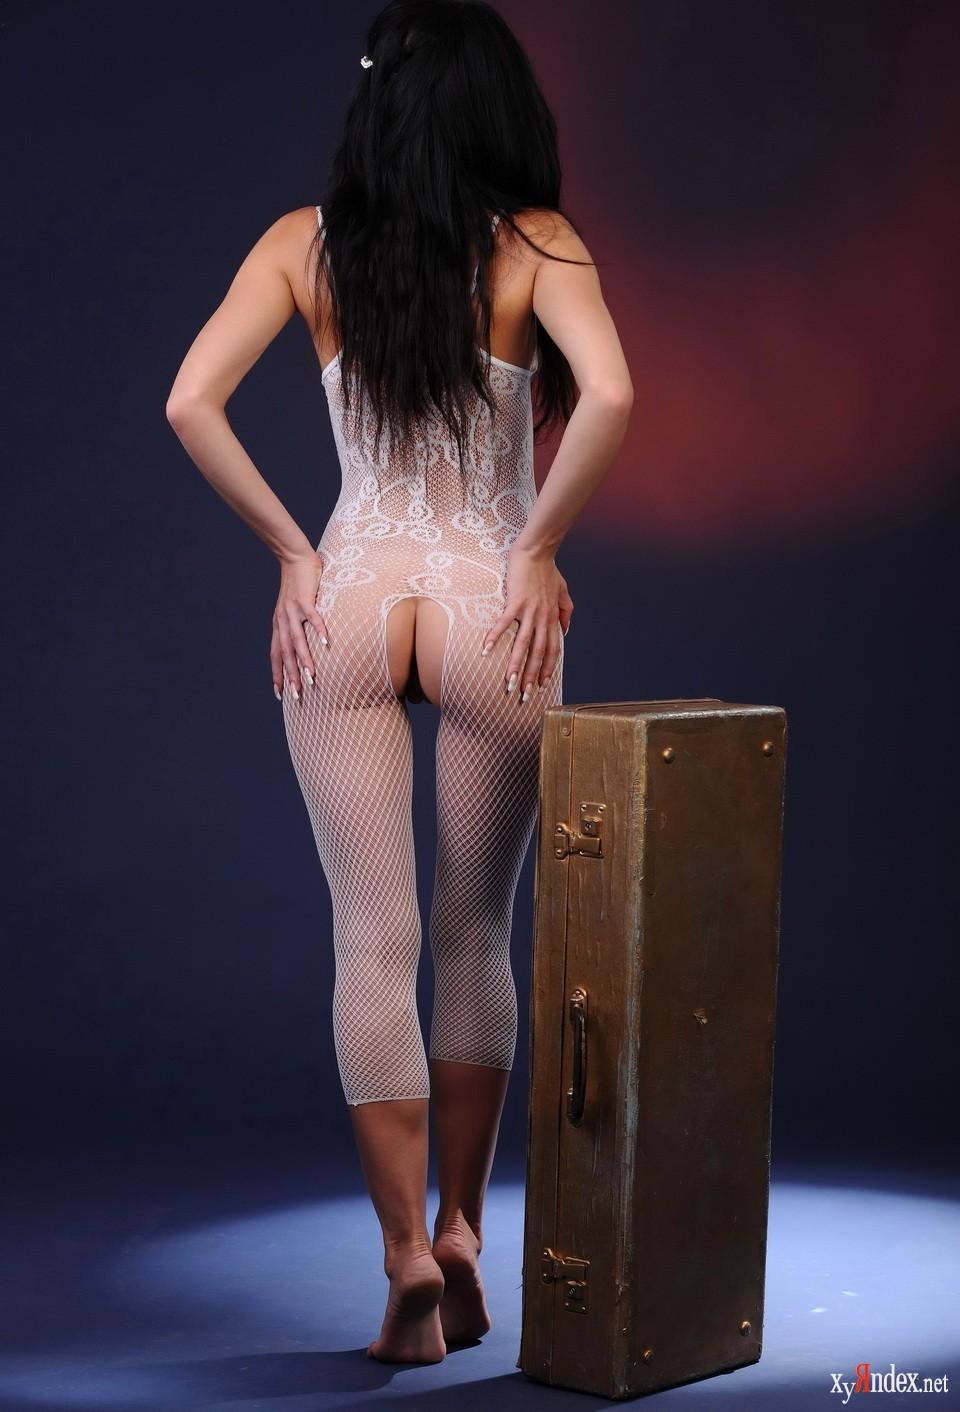 chastnaya-erotika-v-setke-foto-traha-mnogo-bab-i-odin-muzhik